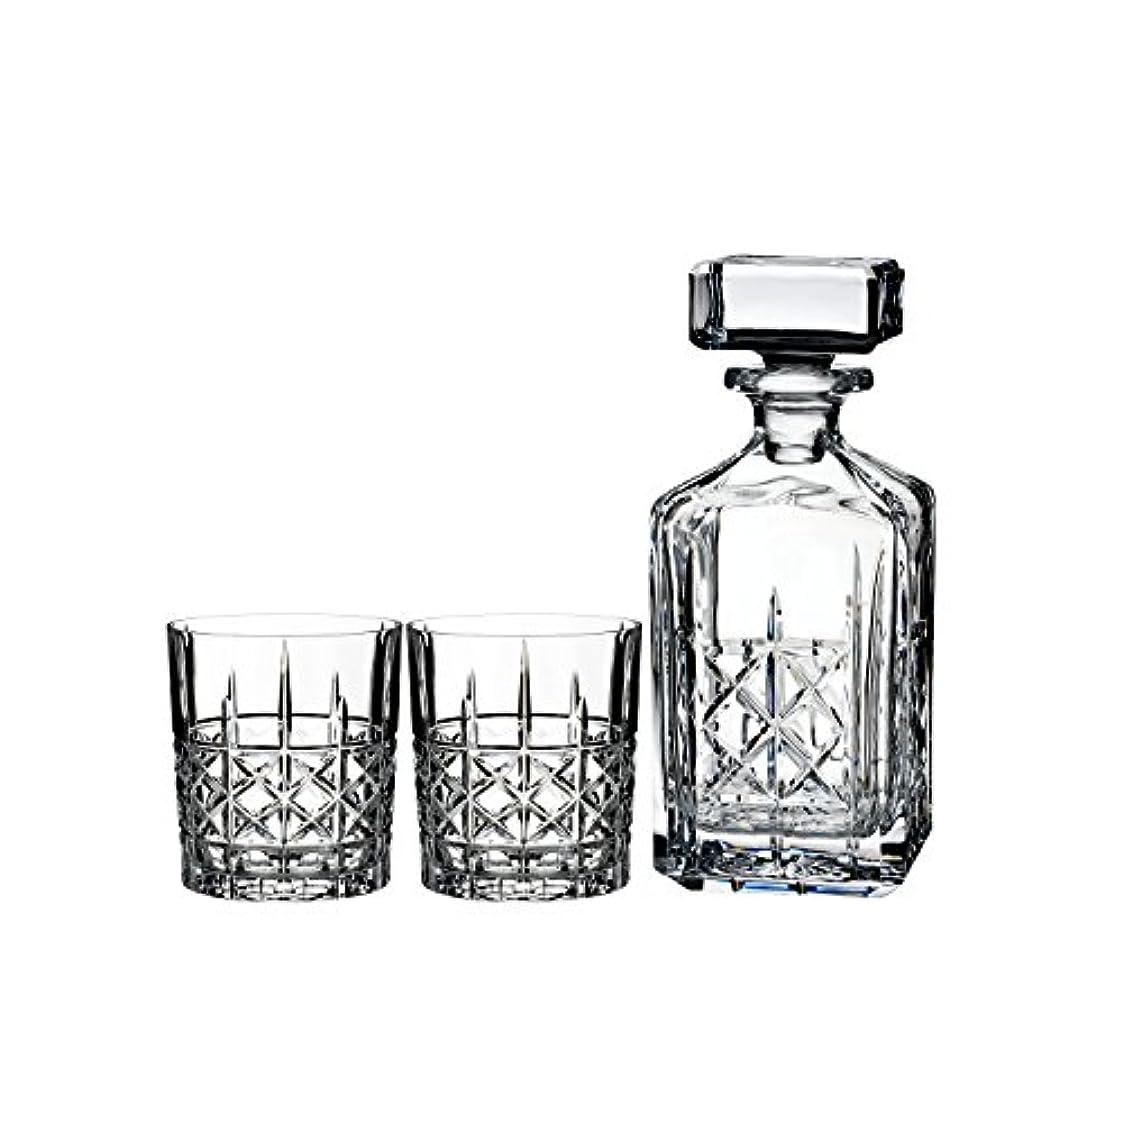 天才スタンド葉を拾うMarquis by Waterford Brady Decanter Set with Two Double Old Fashioned Glasses by Waterford